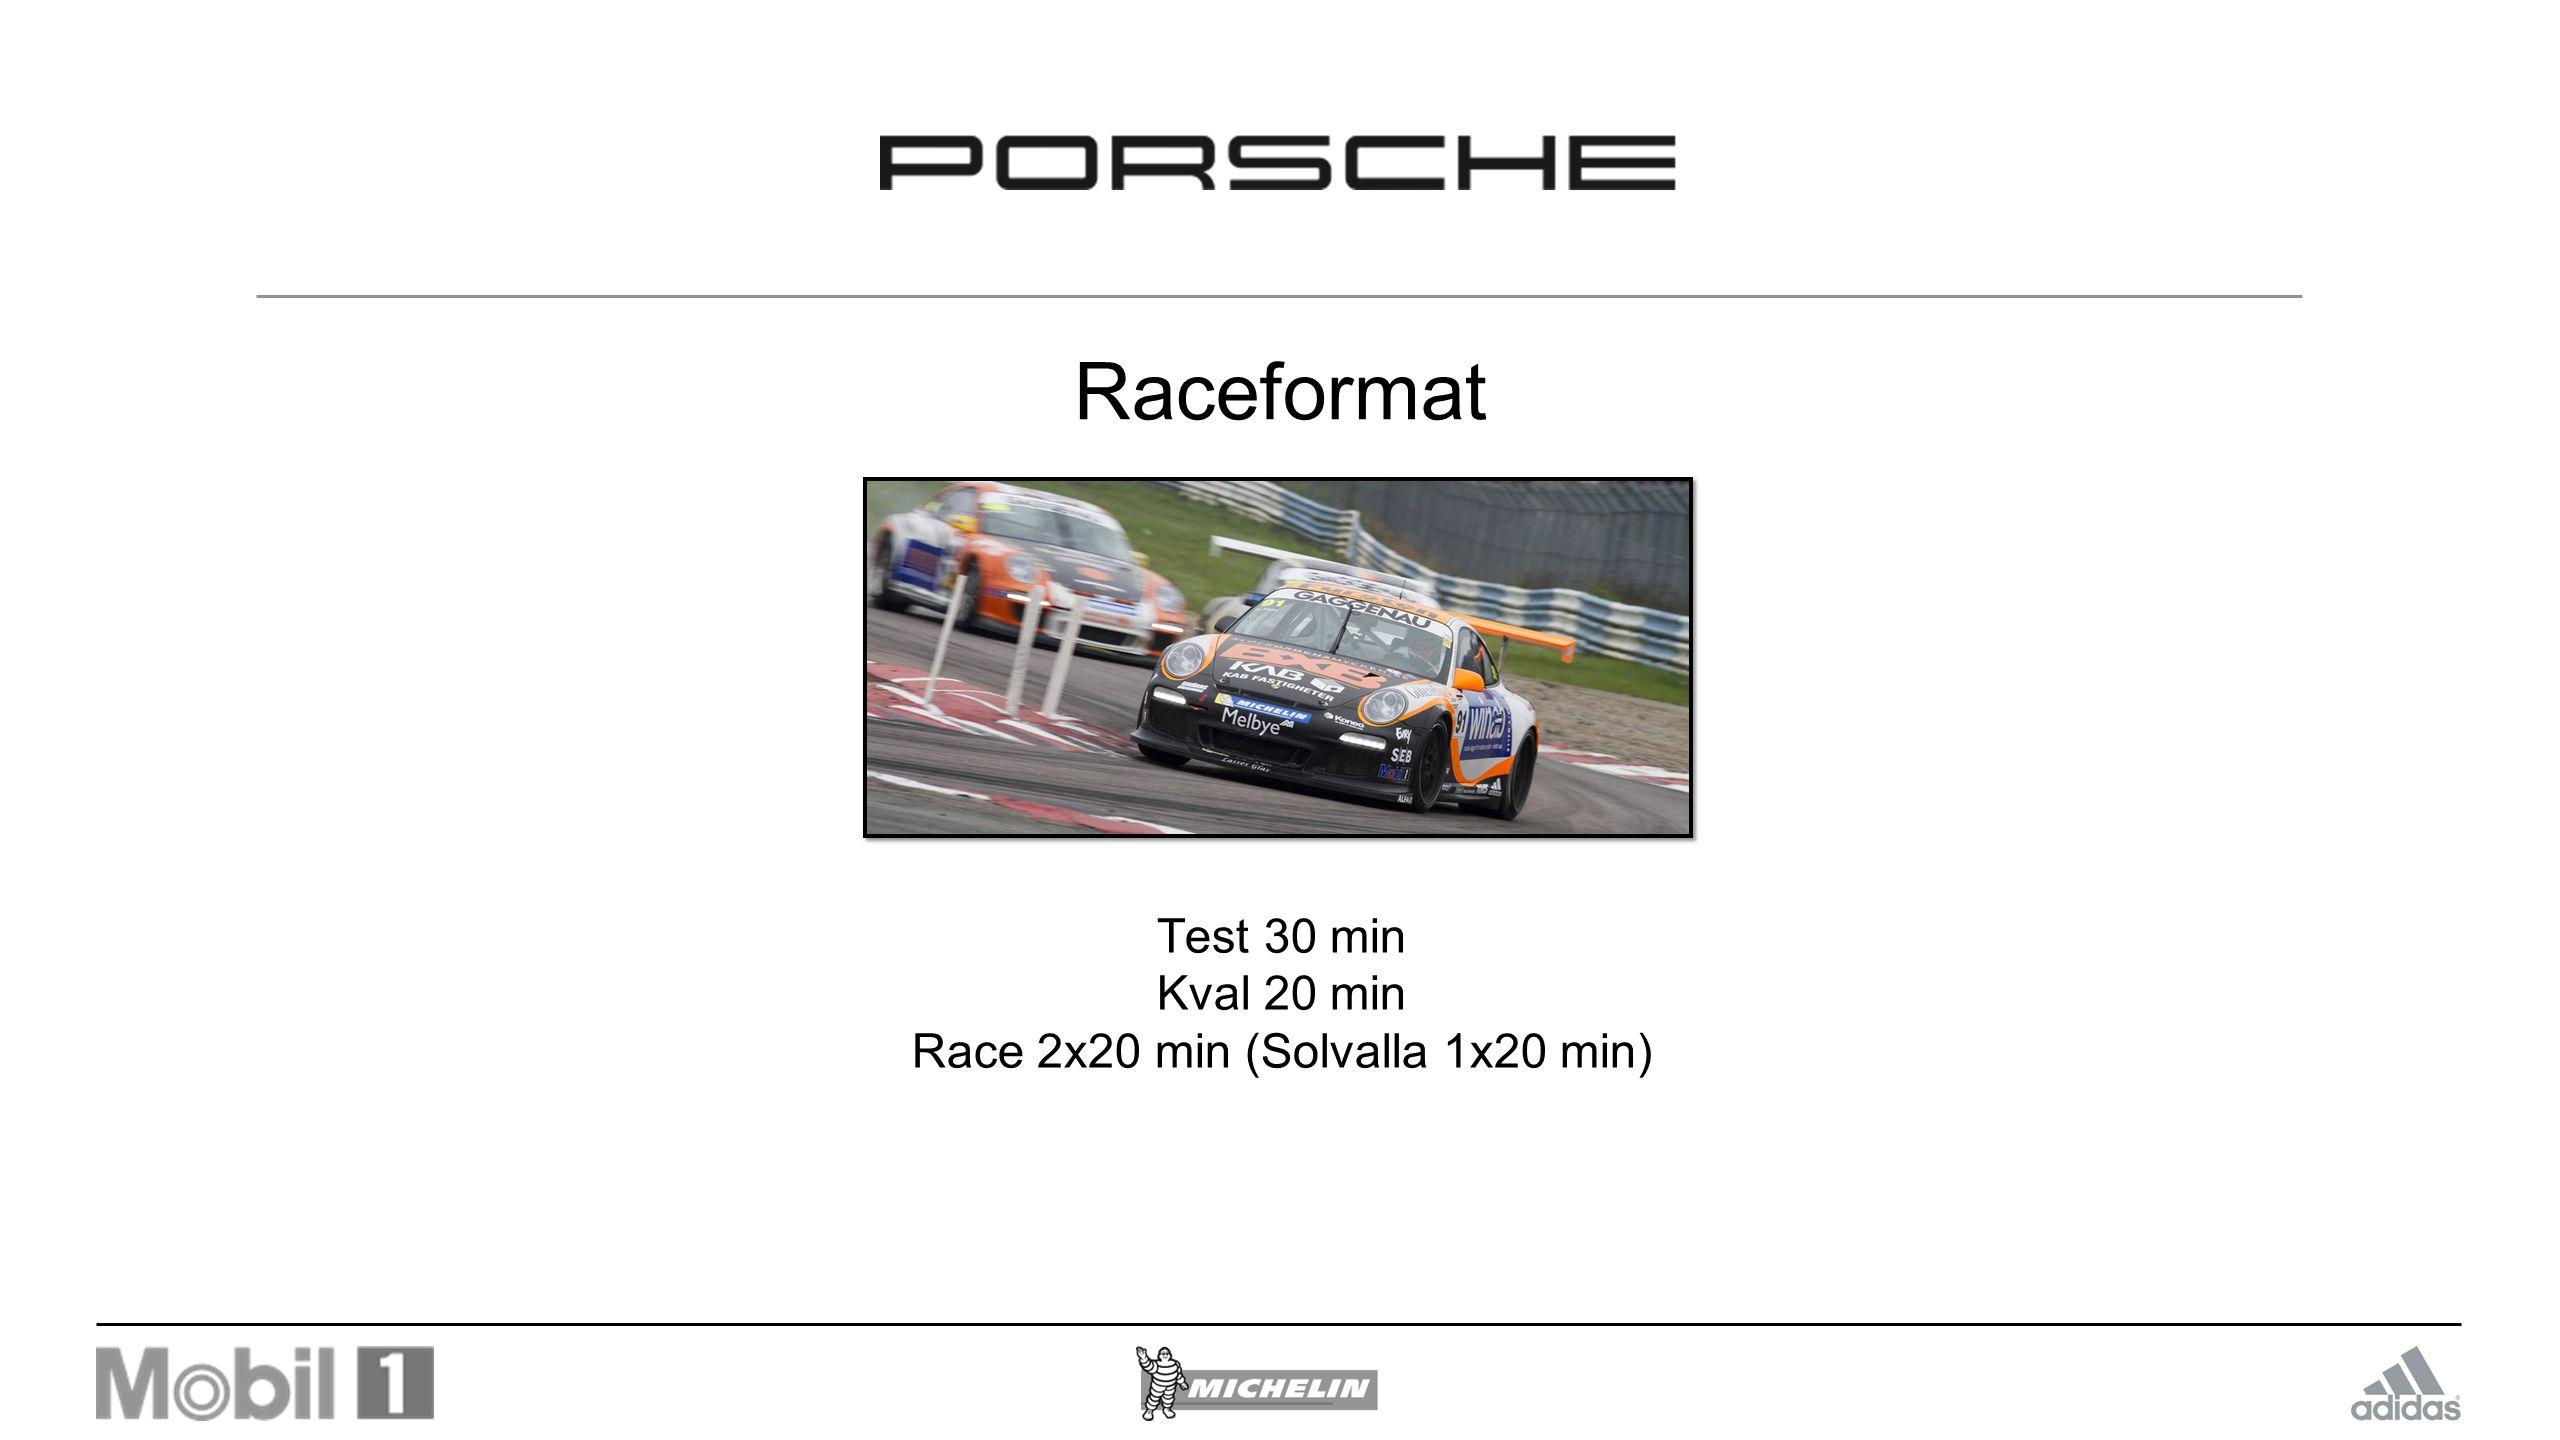 Raceformat Test 30 min Kval 20 min Race 2x20 min (Solvalla 1x20 min)